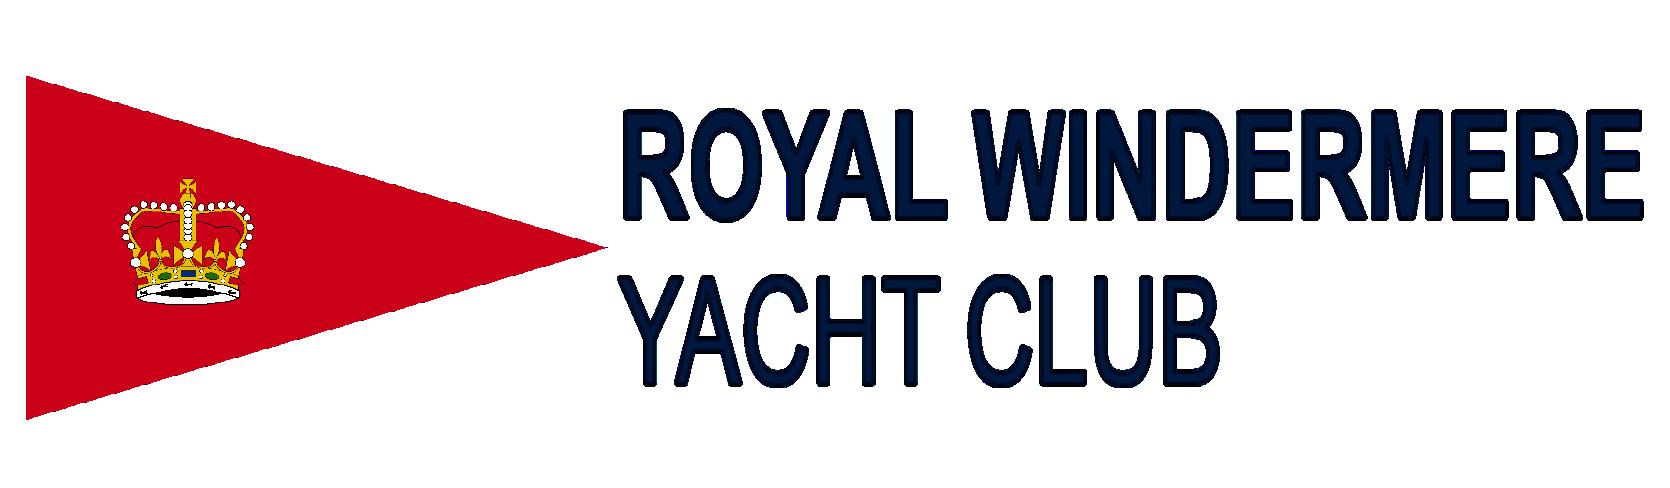 Royal Windermere Yacht Club